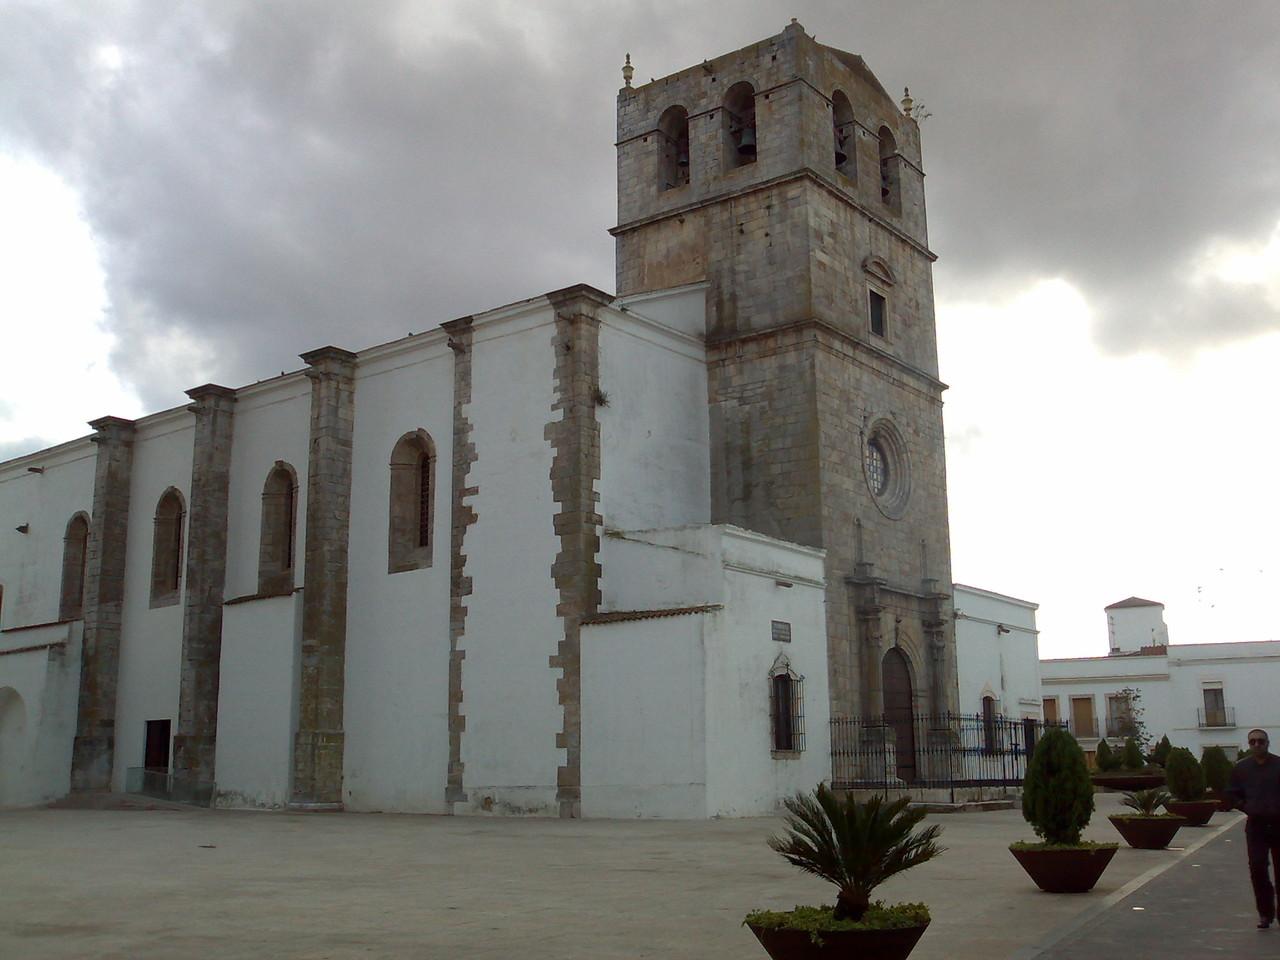 Igreja_de_Santa_Maria_do_Castelo_(Olivença)_-_1.j